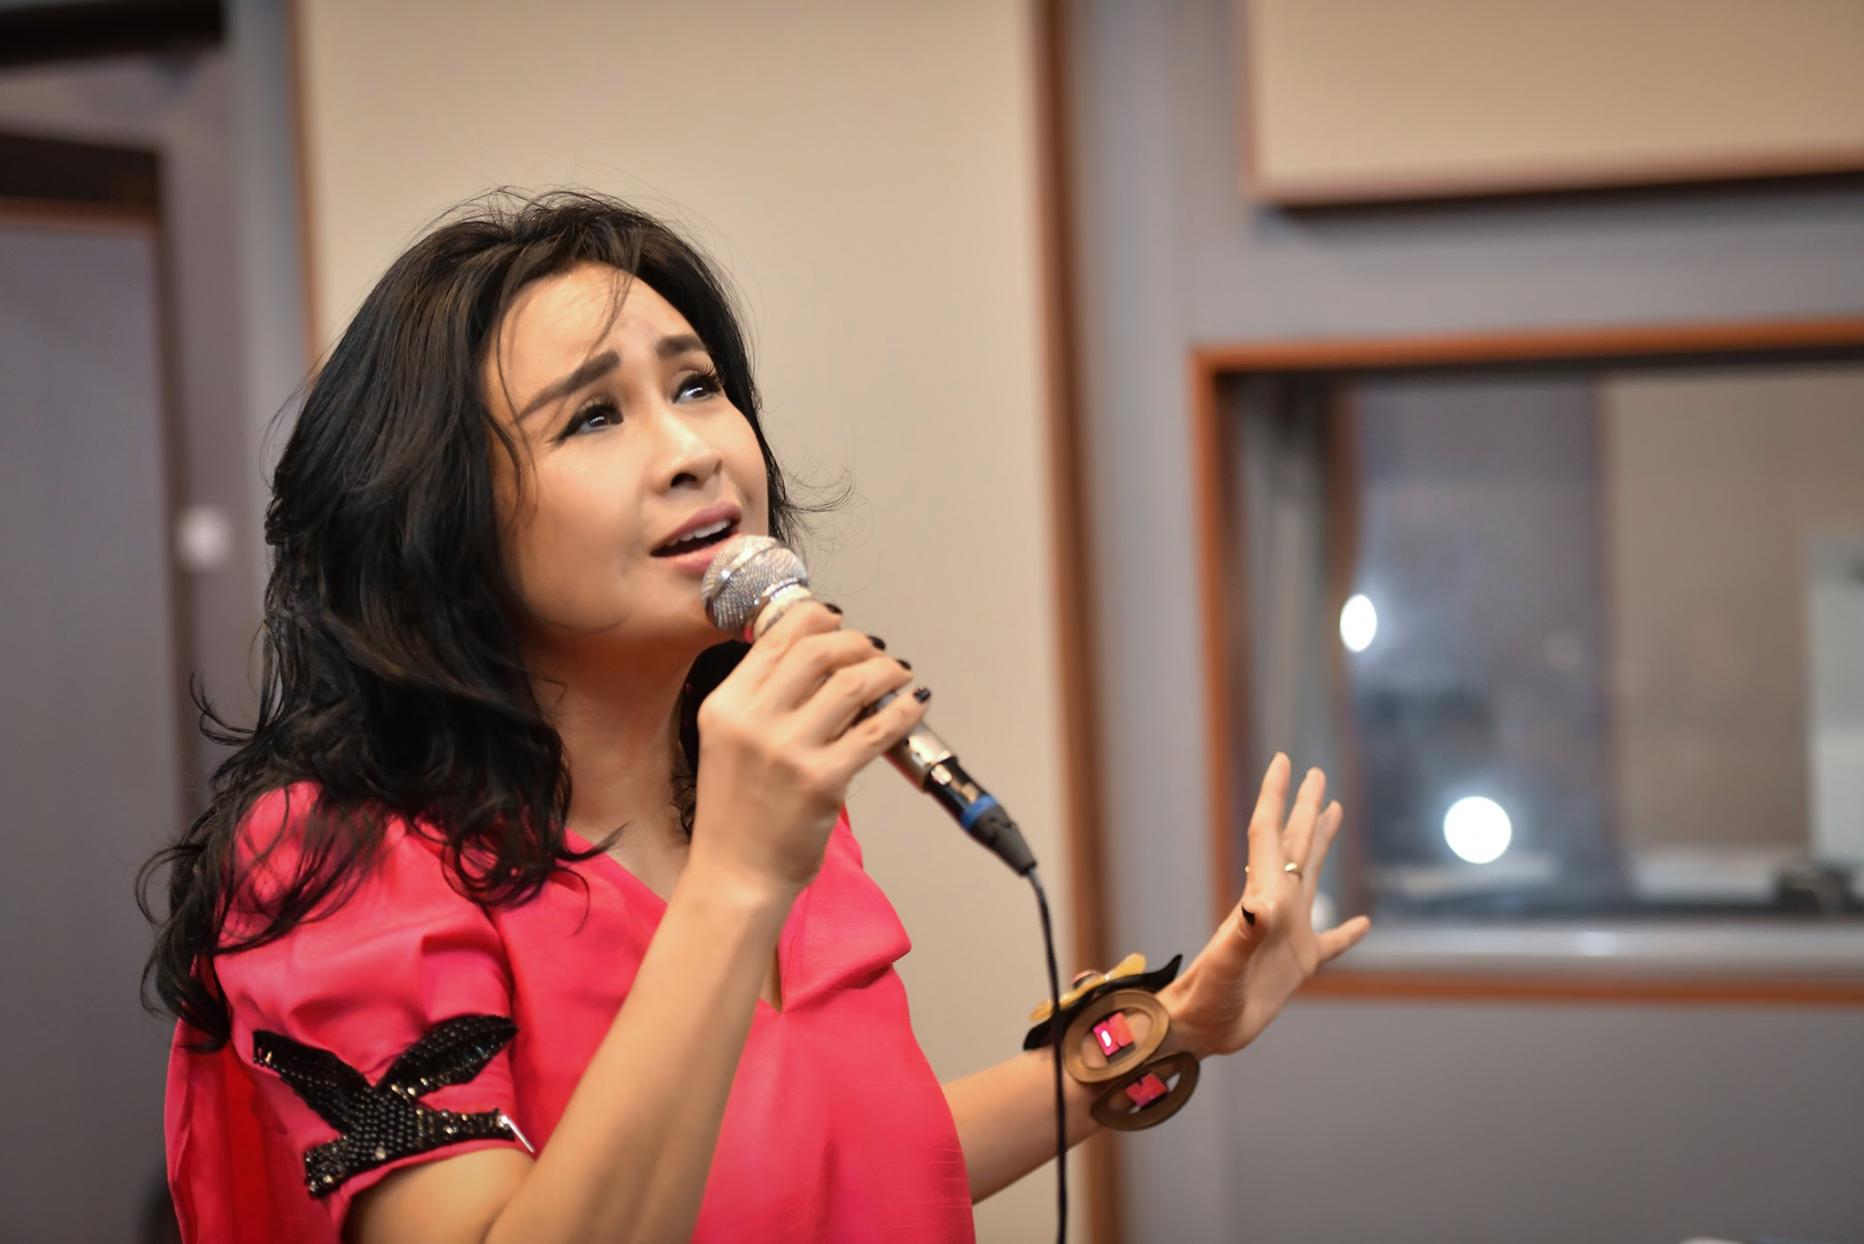 Diva Thanh Lam: Yêu bác sĩ Tiến Hùng, tôi đã khóc nhiều lần… - 2